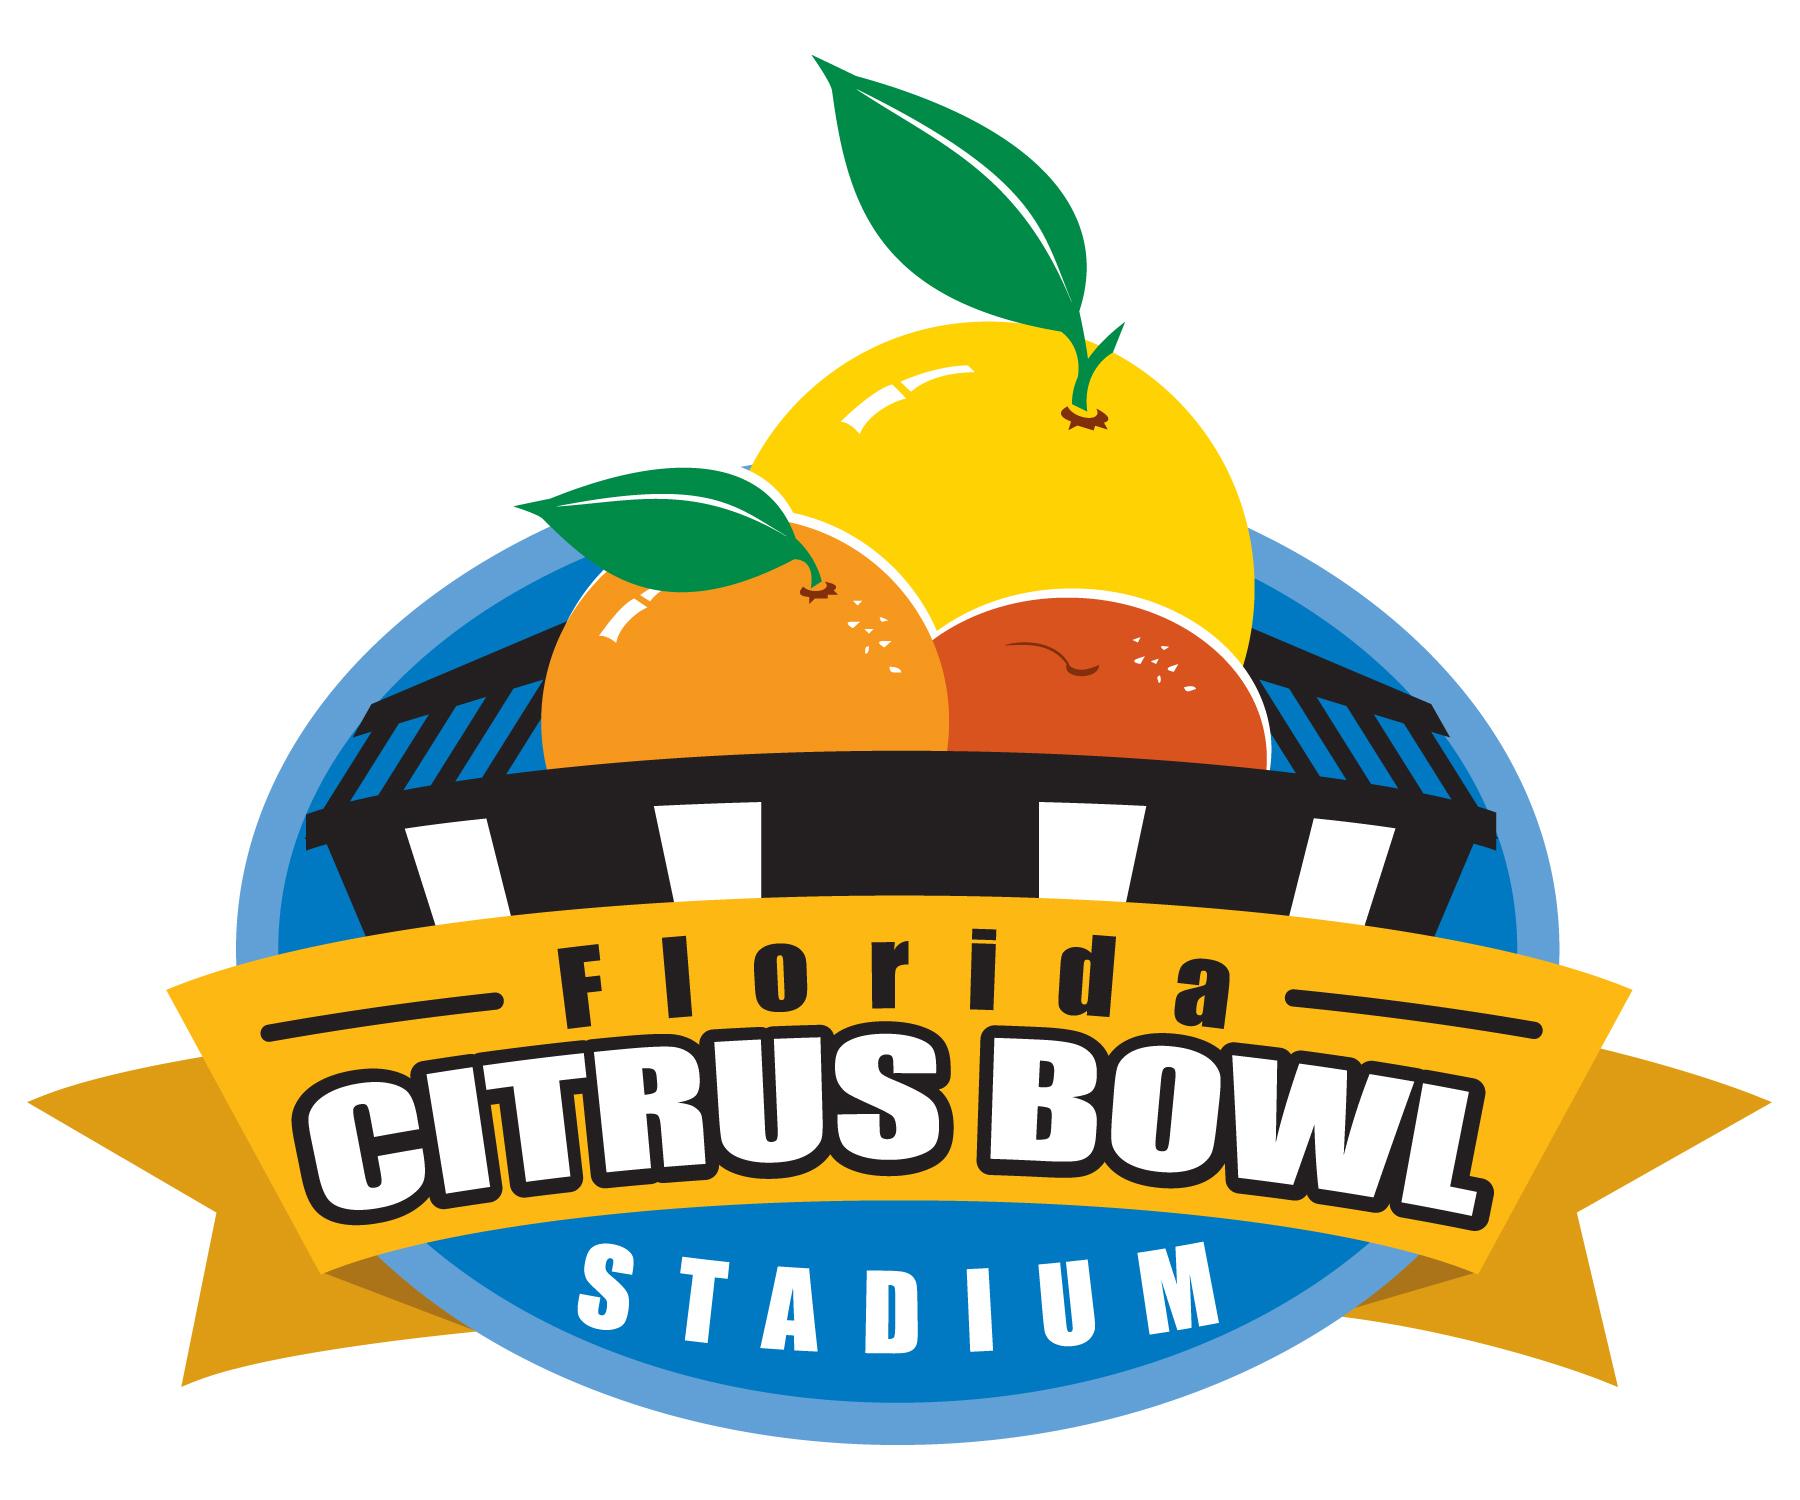 Florida Citrus Bowl Stadium